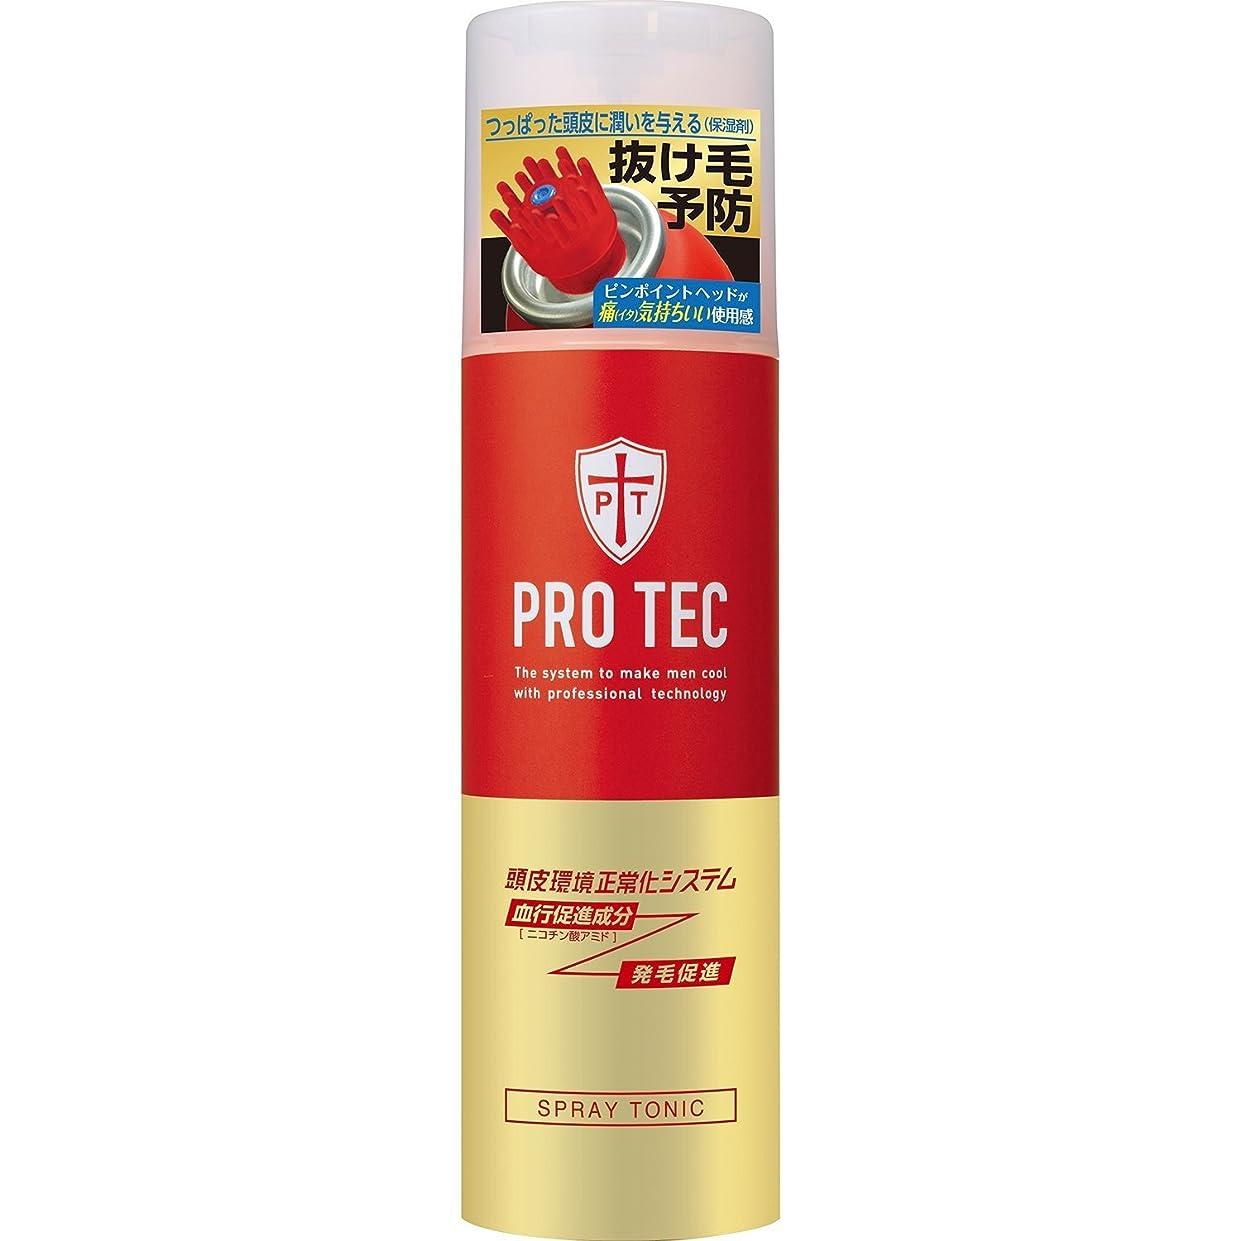 著作権植木理解するPRO TEC(プロテク) スプレートニック 150g (医薬部外品) ×20個セット